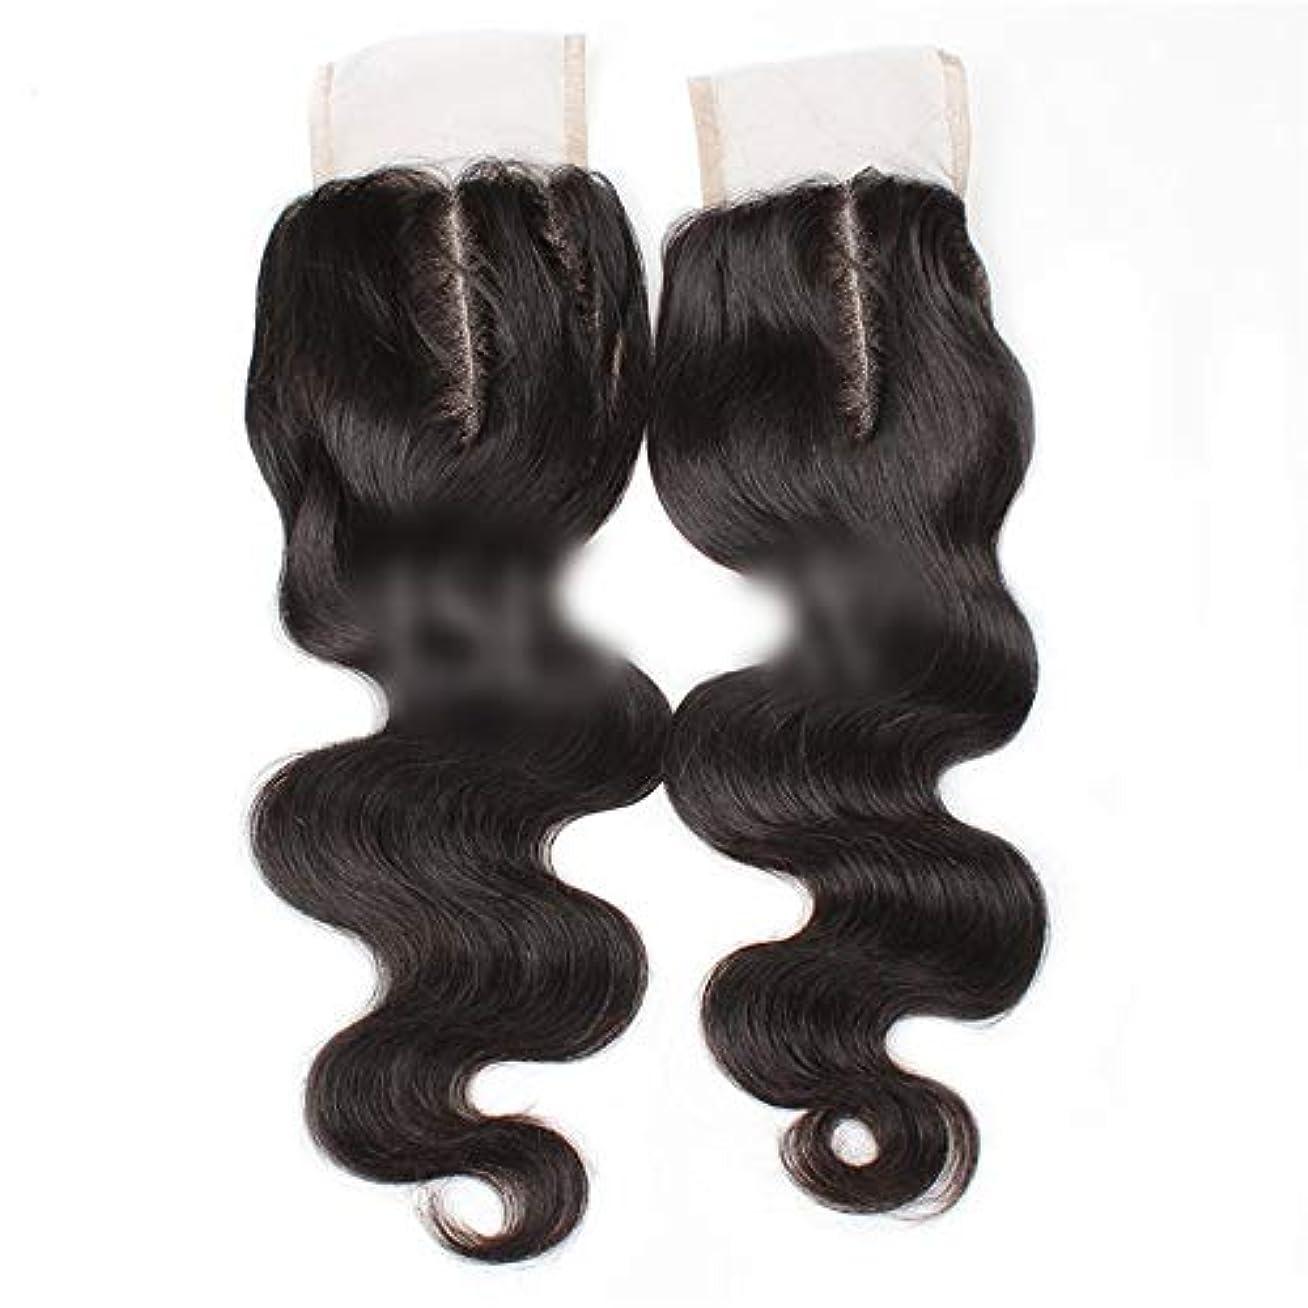 手クラックポット短命HOHYLLYA 9aブラジル髪実体波中間部4×4レース閉鎖人間の髪の毛ナチュラルブラック8